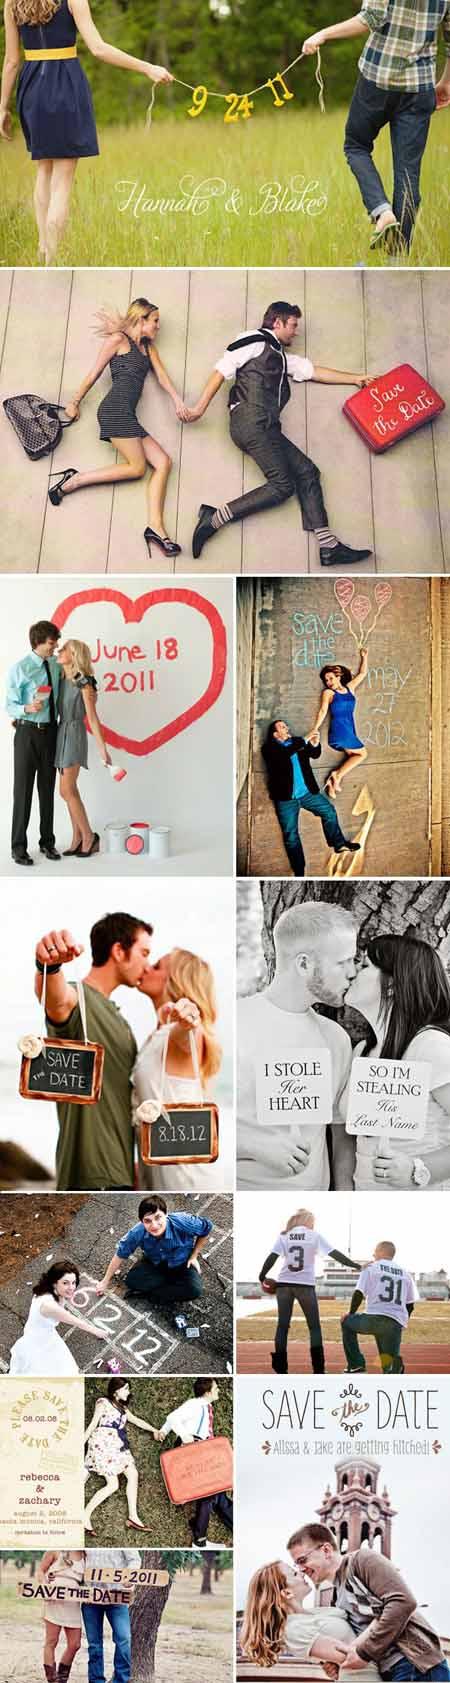 Inspírate en estas ideas de fotos para tu save the date. Algunas tienen trucos para lograr fotos super originales.